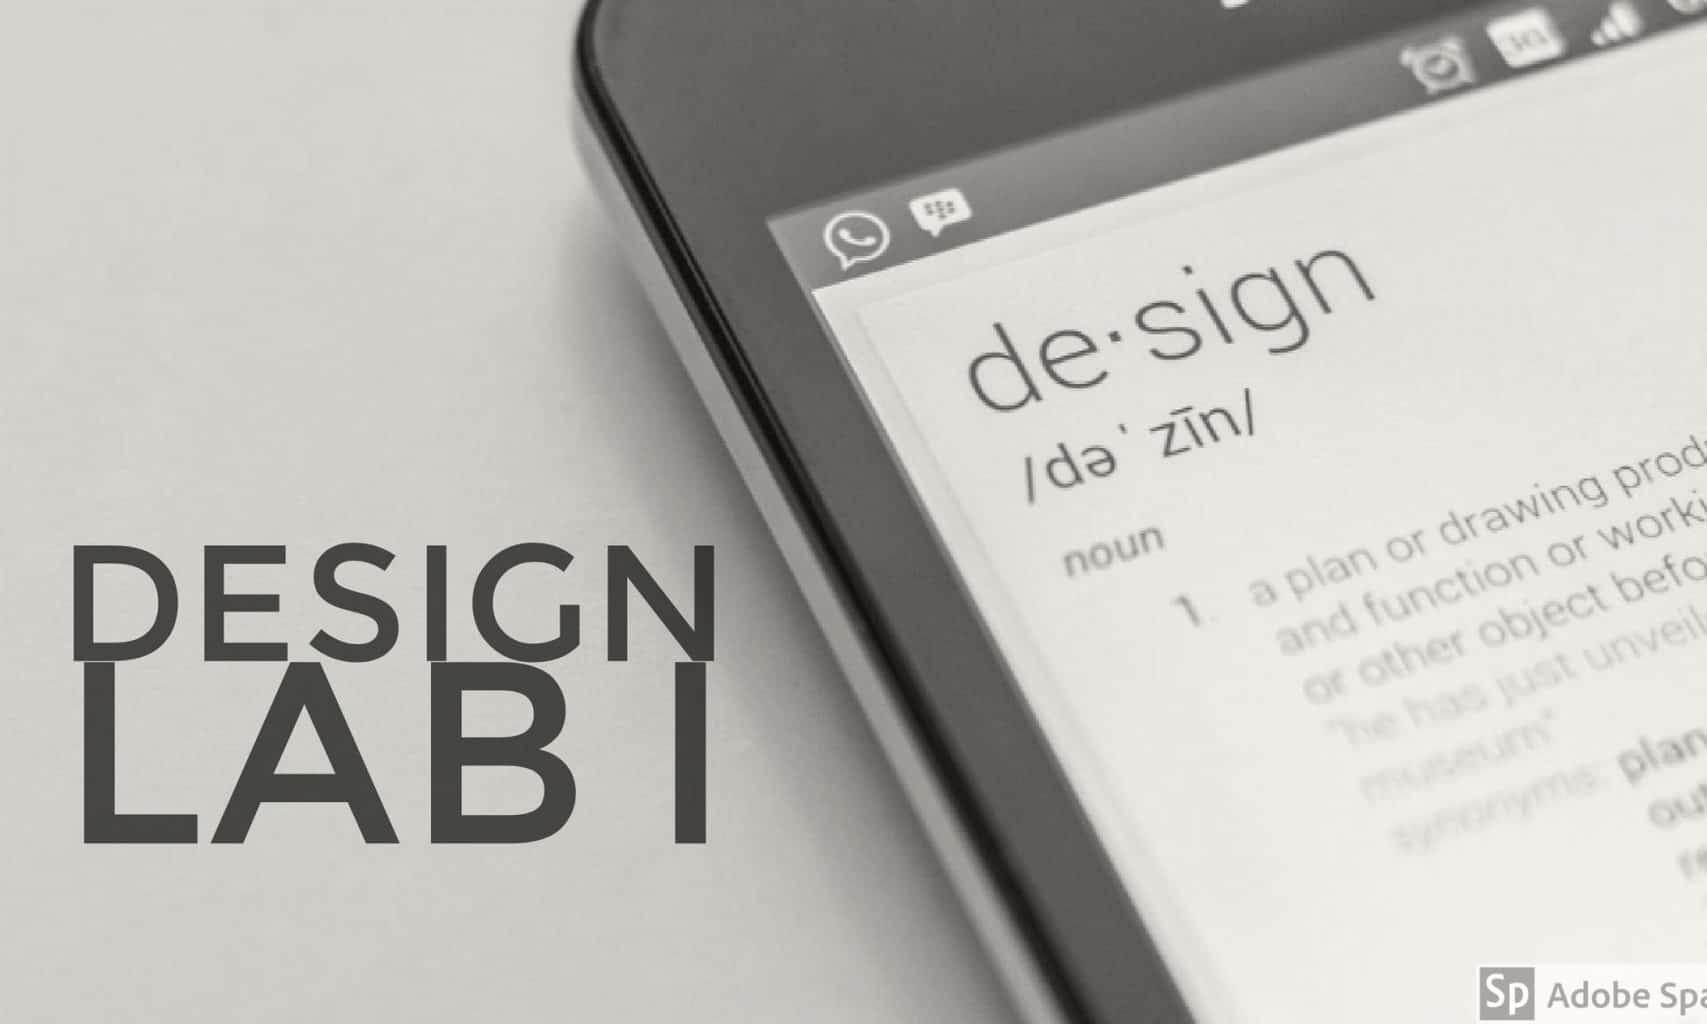 Design Lab I